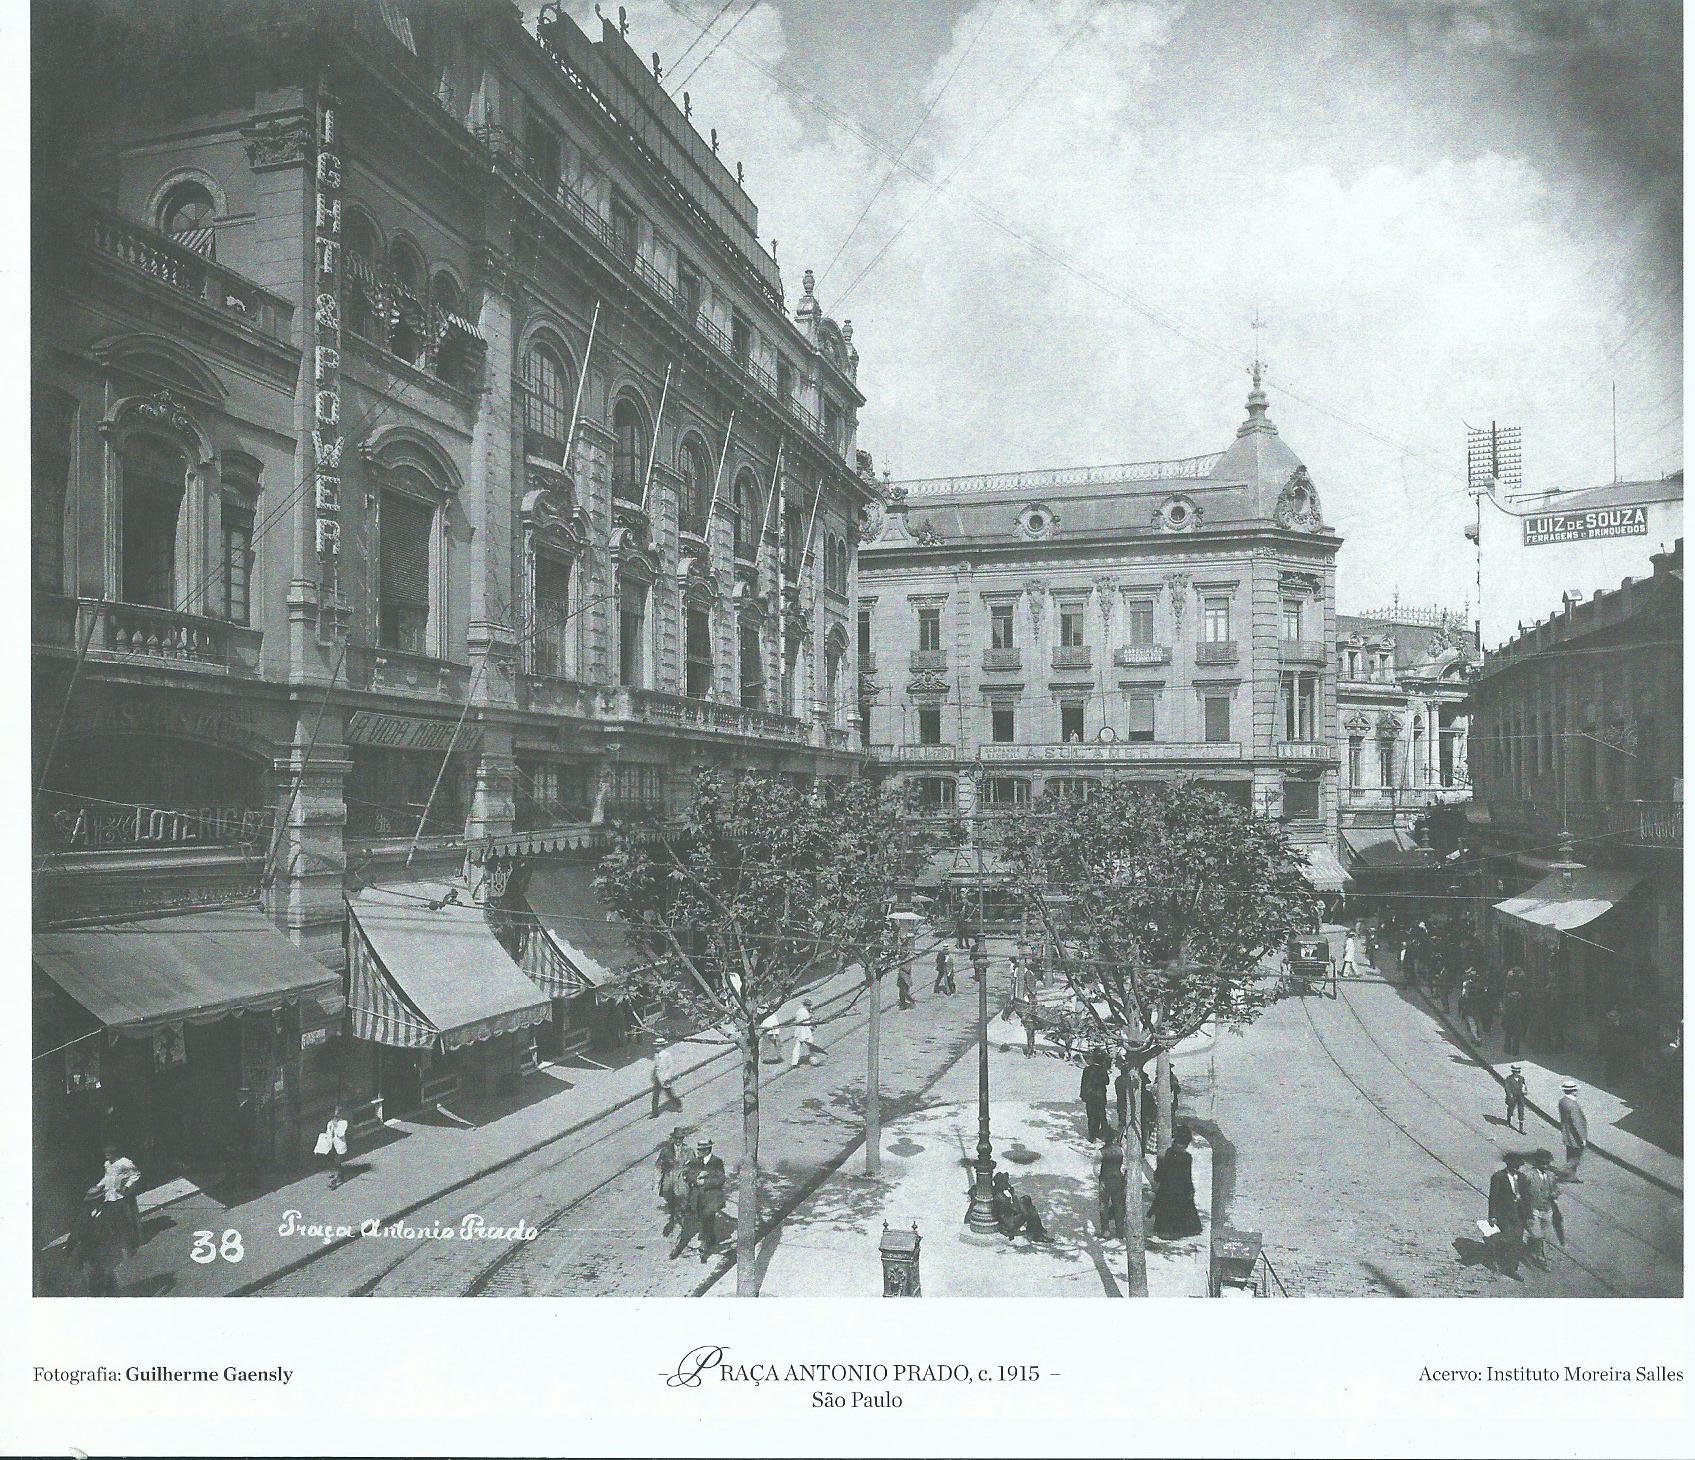 praca-antonio-prado-em-1915-guilherme-gaensly